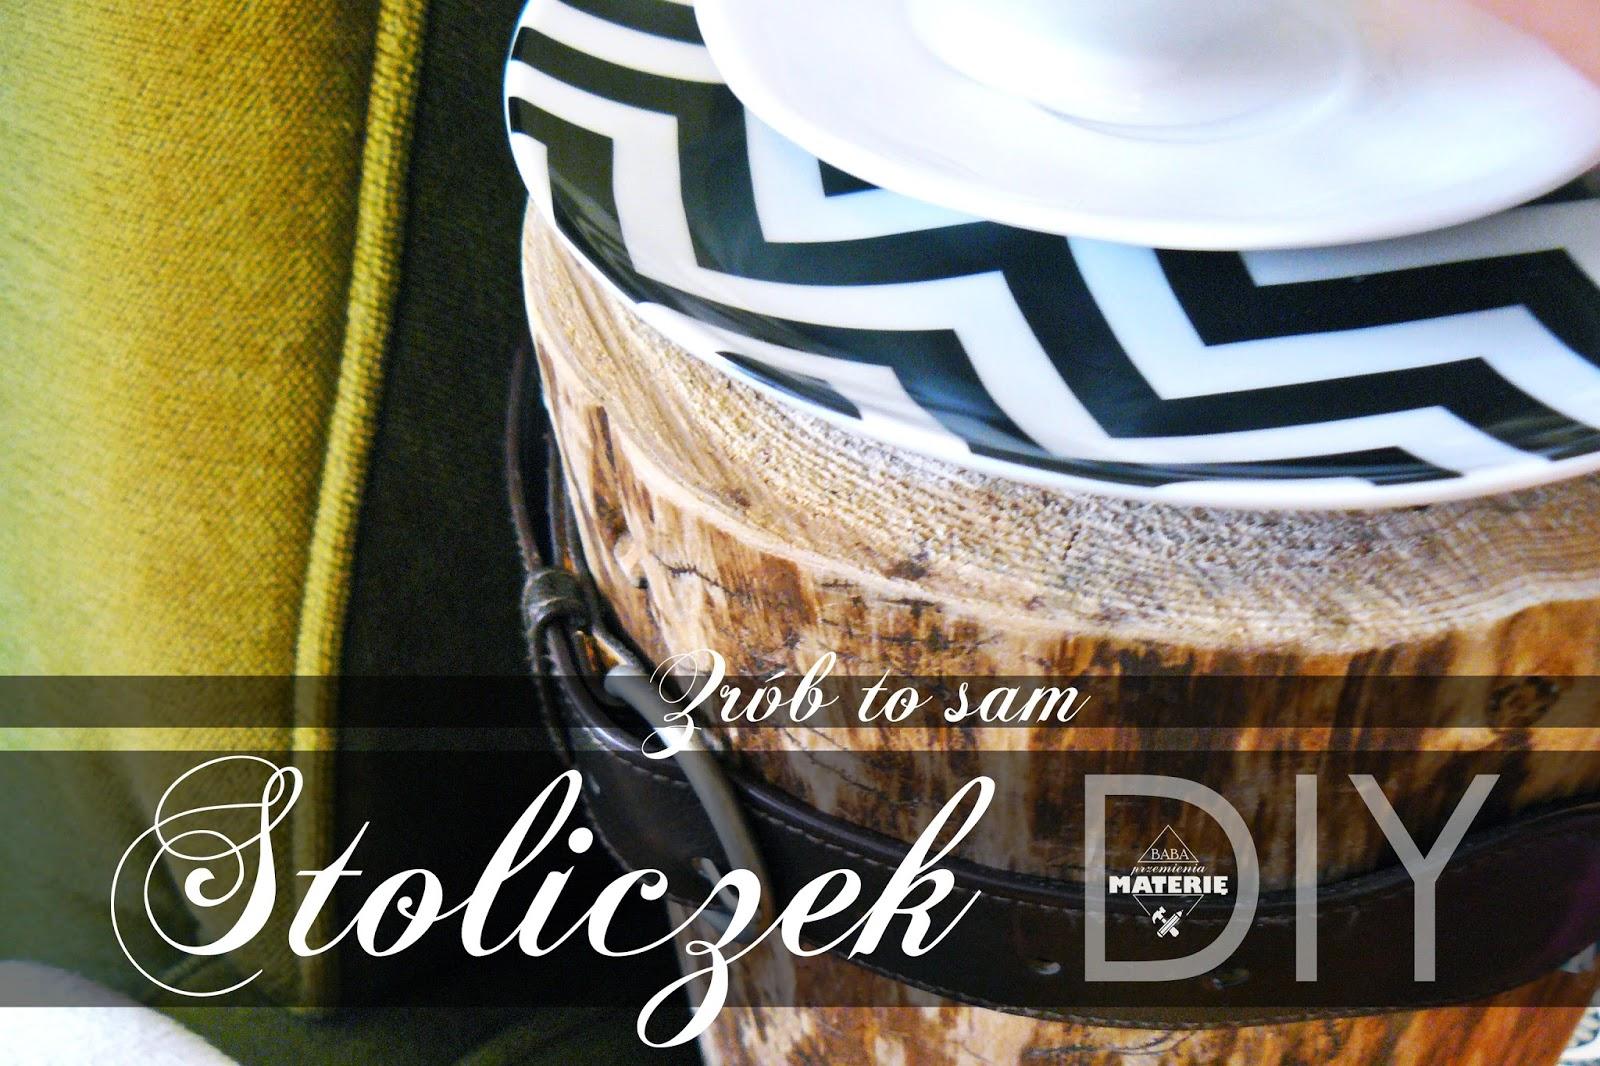 http://babaprzemieniamaterie.blogspot.com/2016/09/may-ale-wysoki-stoliczek-z-pnia-diy.html